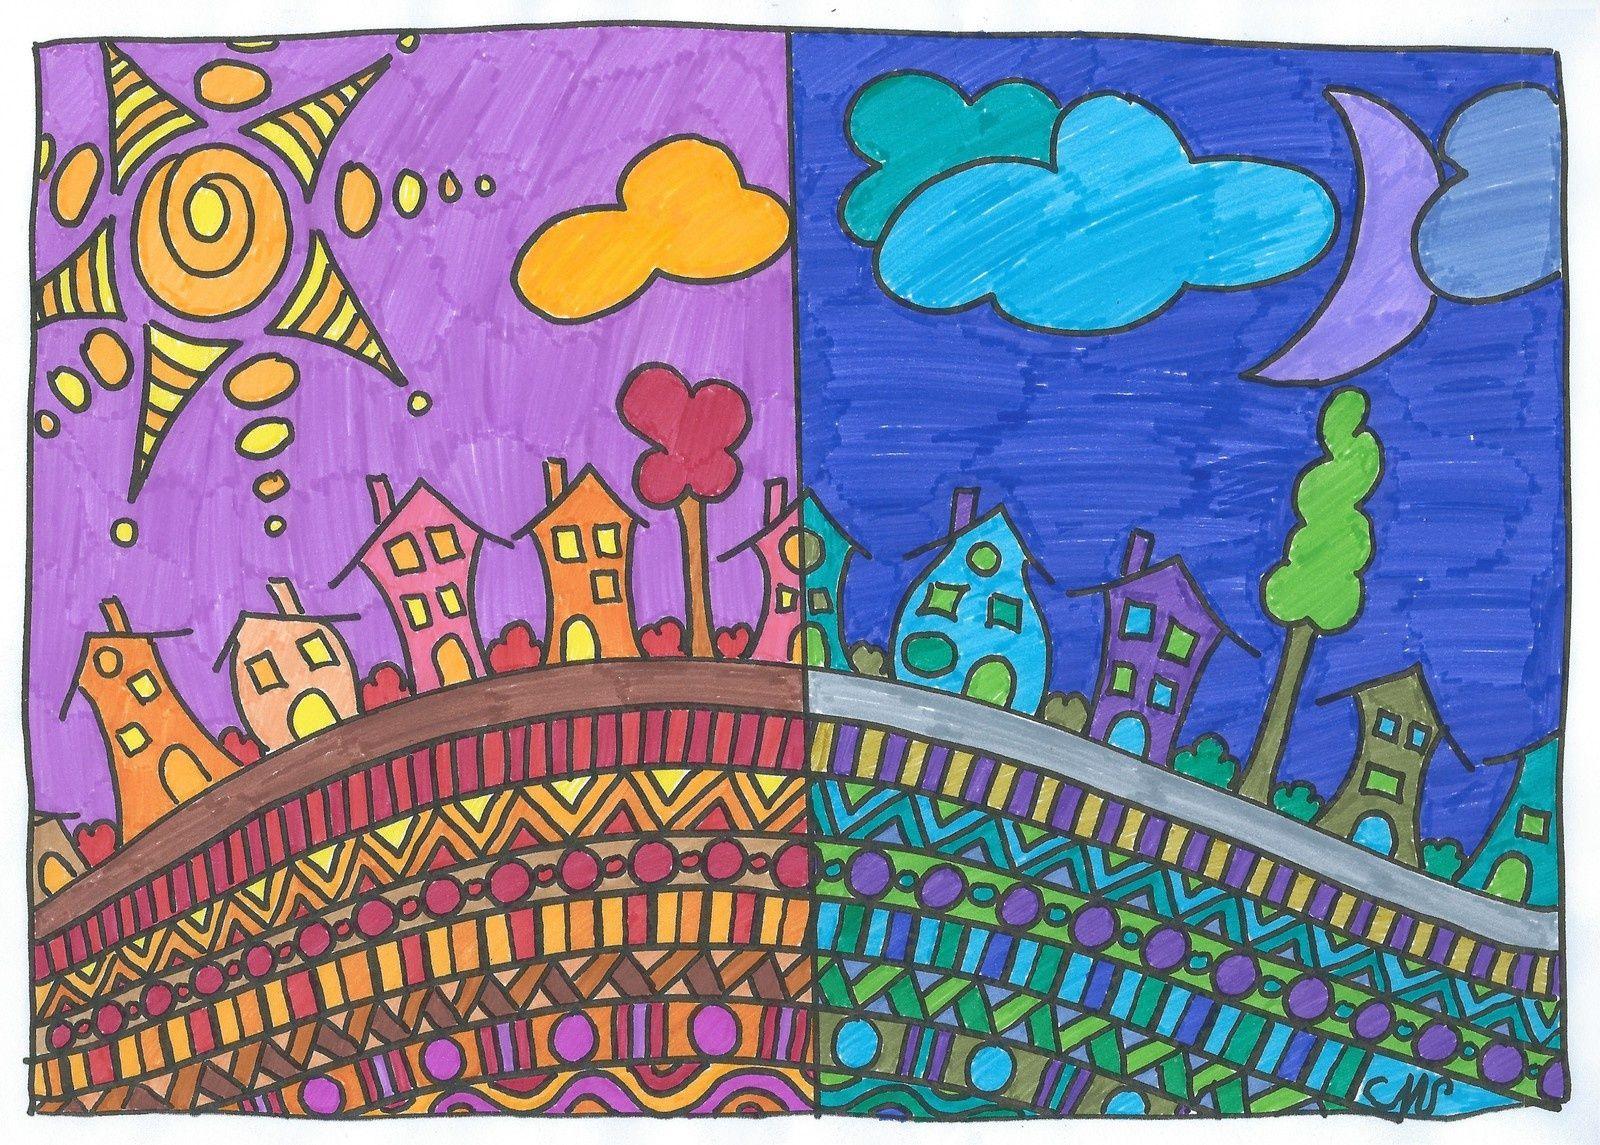 Arts visuels couleurs chaudes et couleurs froides  Couleurs chaudes Arts visuels et Froid